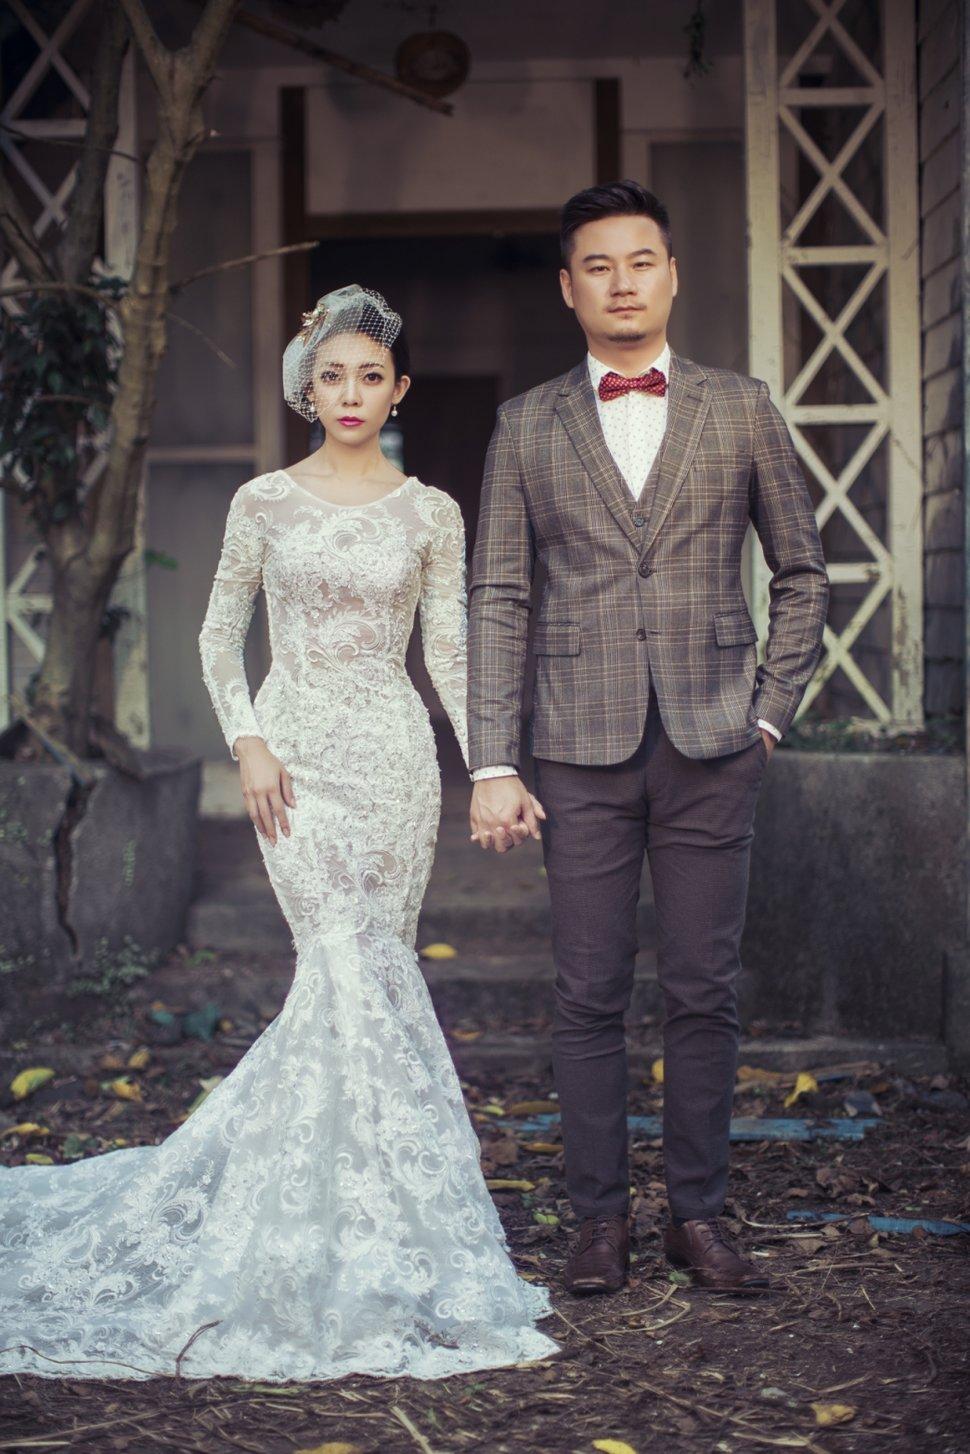 國內婚紗(編號:5270) - AC Photography - 結婚吧一站式婚禮服務平台